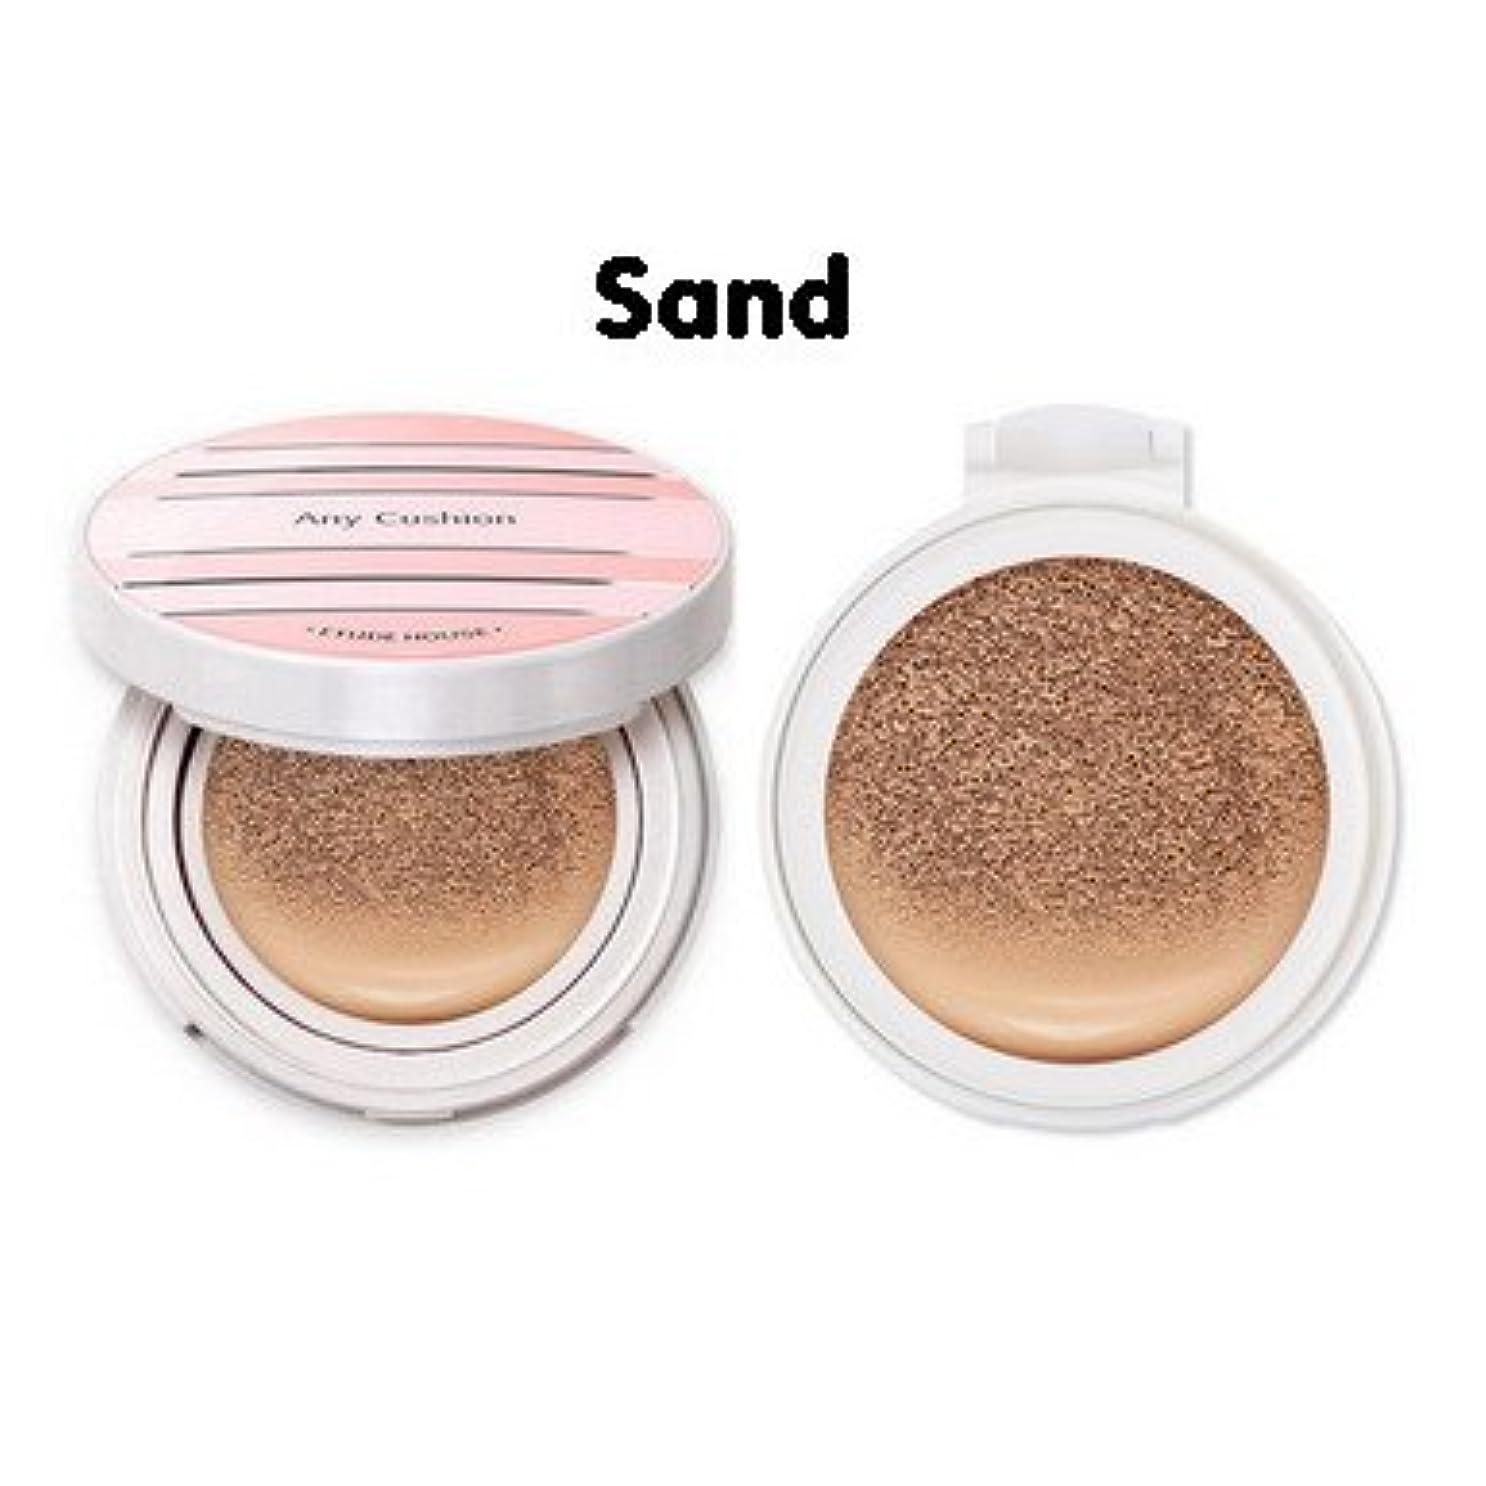 賃金アクセサリーフレームワーク【ETUDE HOUSE(エチュードハウス)】エニクッション オールデーパーフェクト15g+15g (本品+リフィル) (SPF50+/ PA+++) (6カラー選択1) (Sand) [並行輸入品]